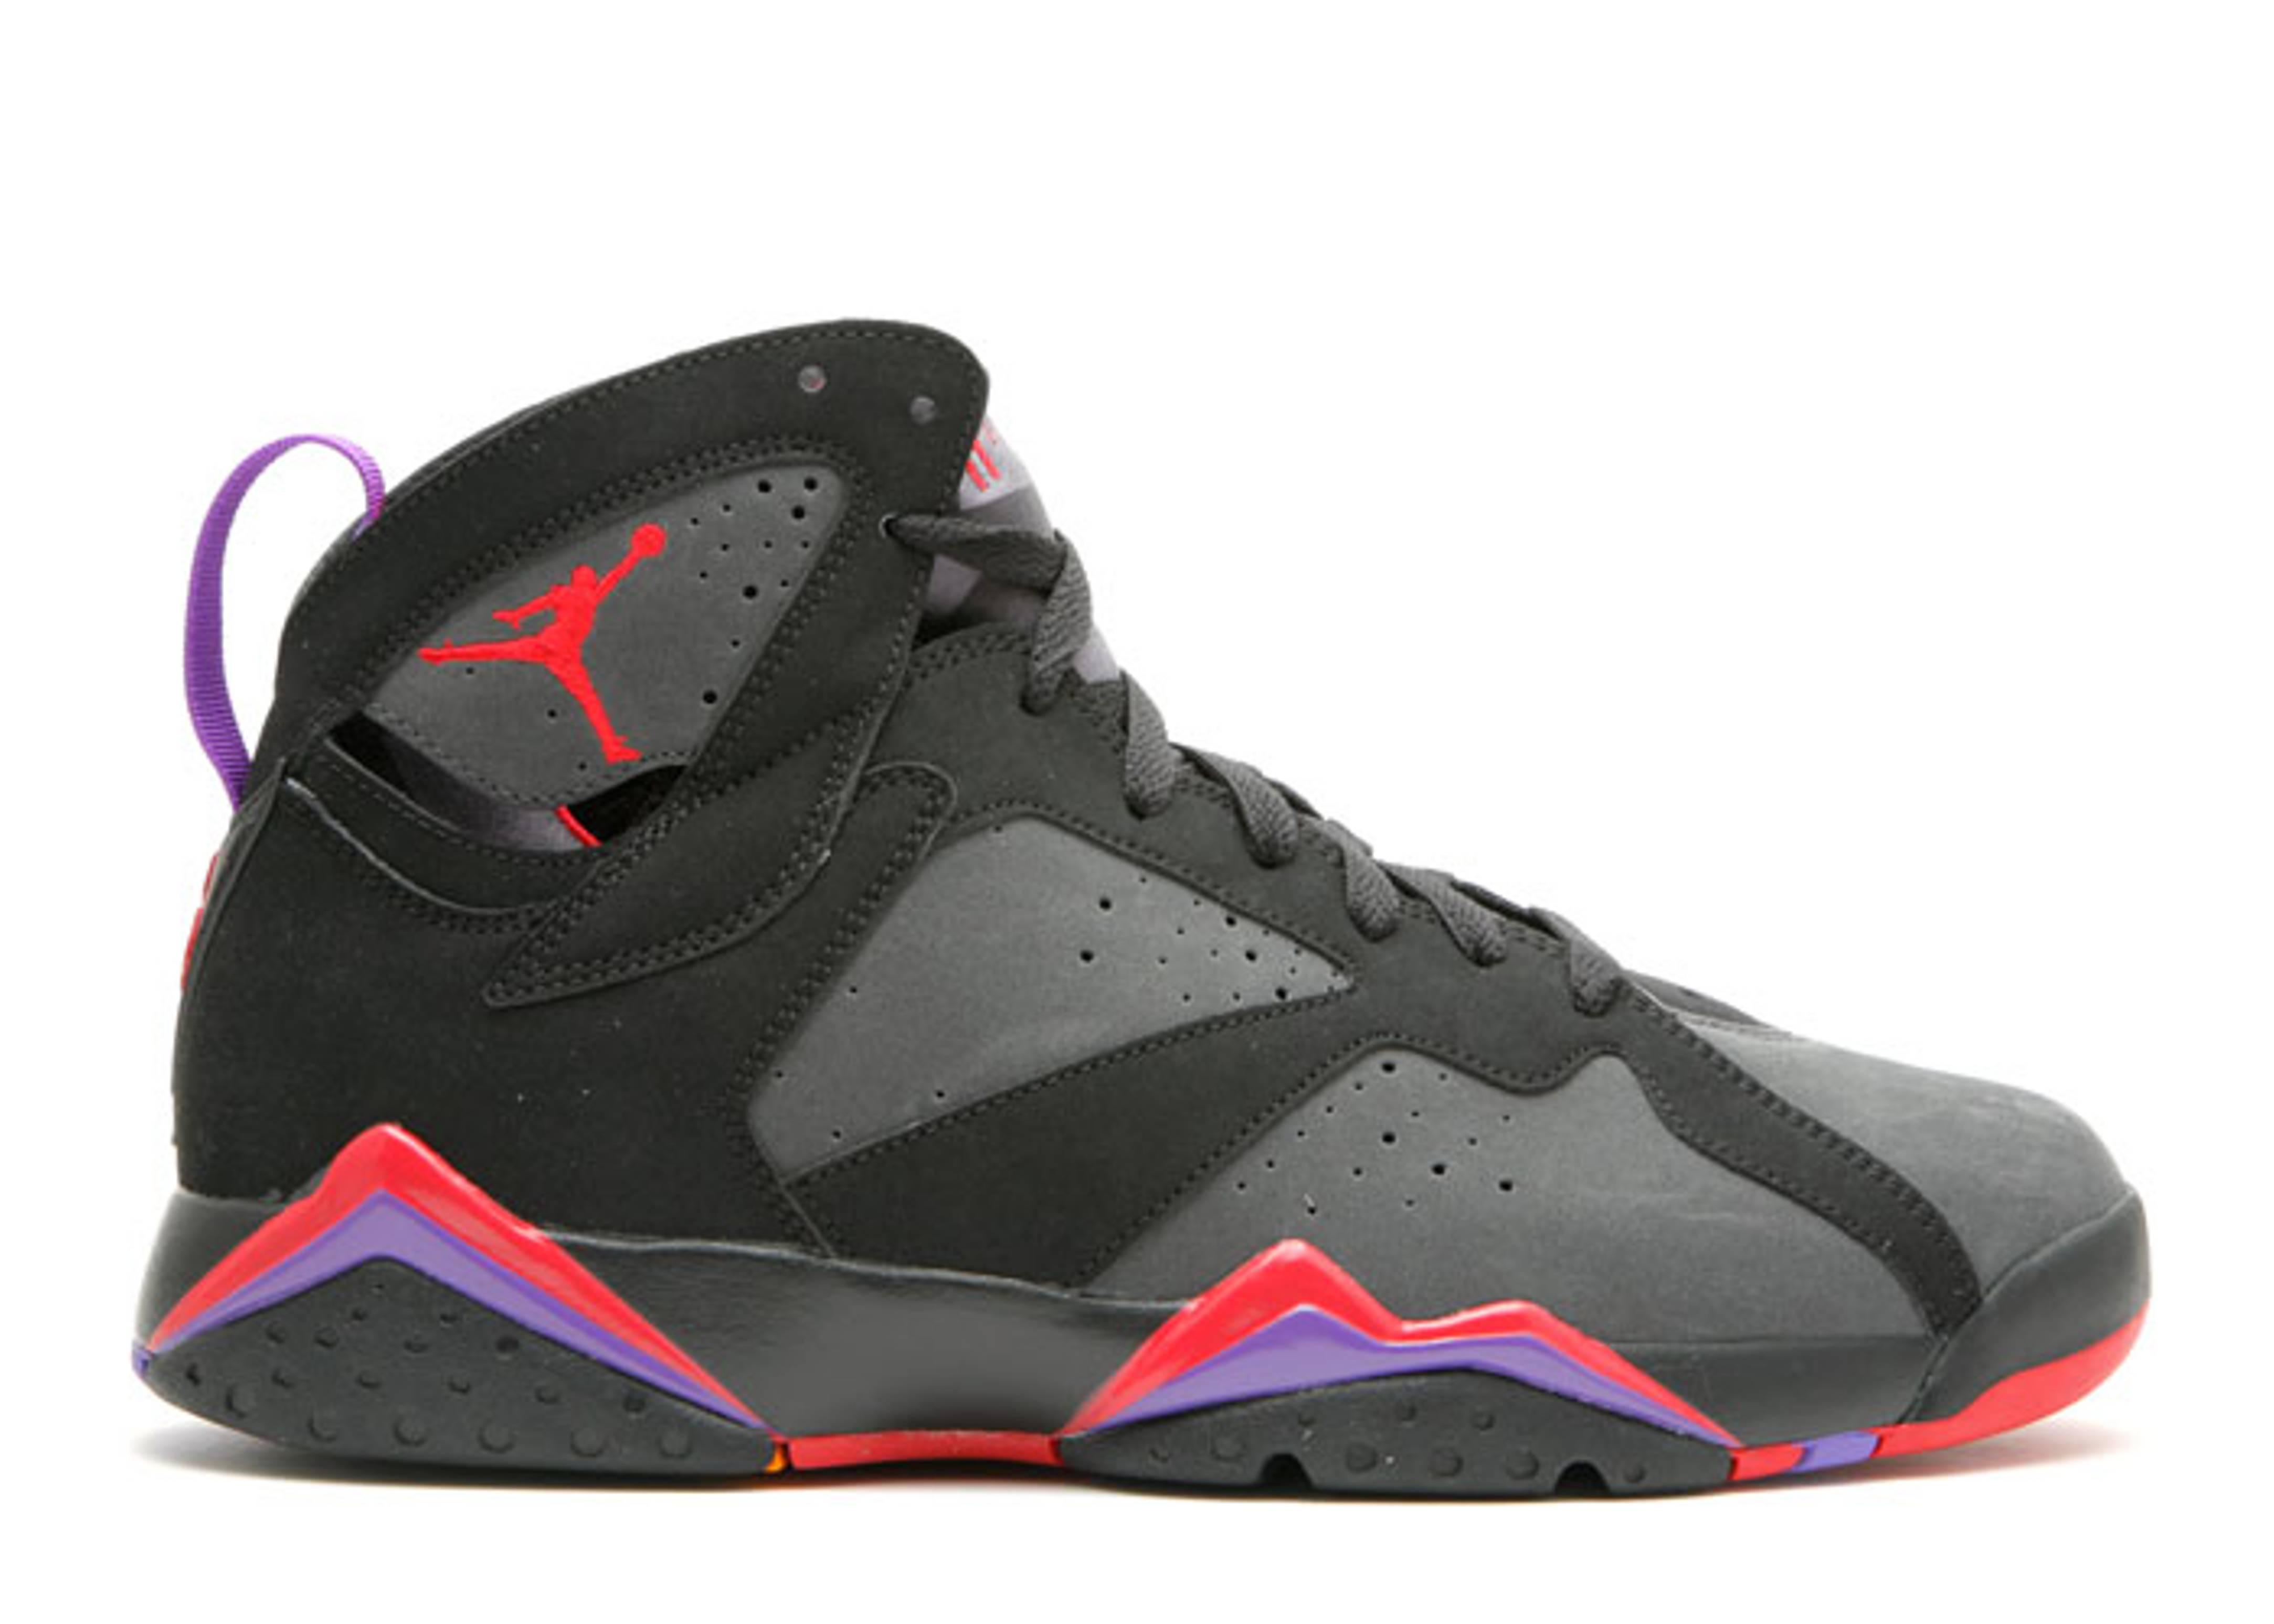 90561563e82916 ... Women s White Black Pink  Nike Mens Air Jordan 7 Retro